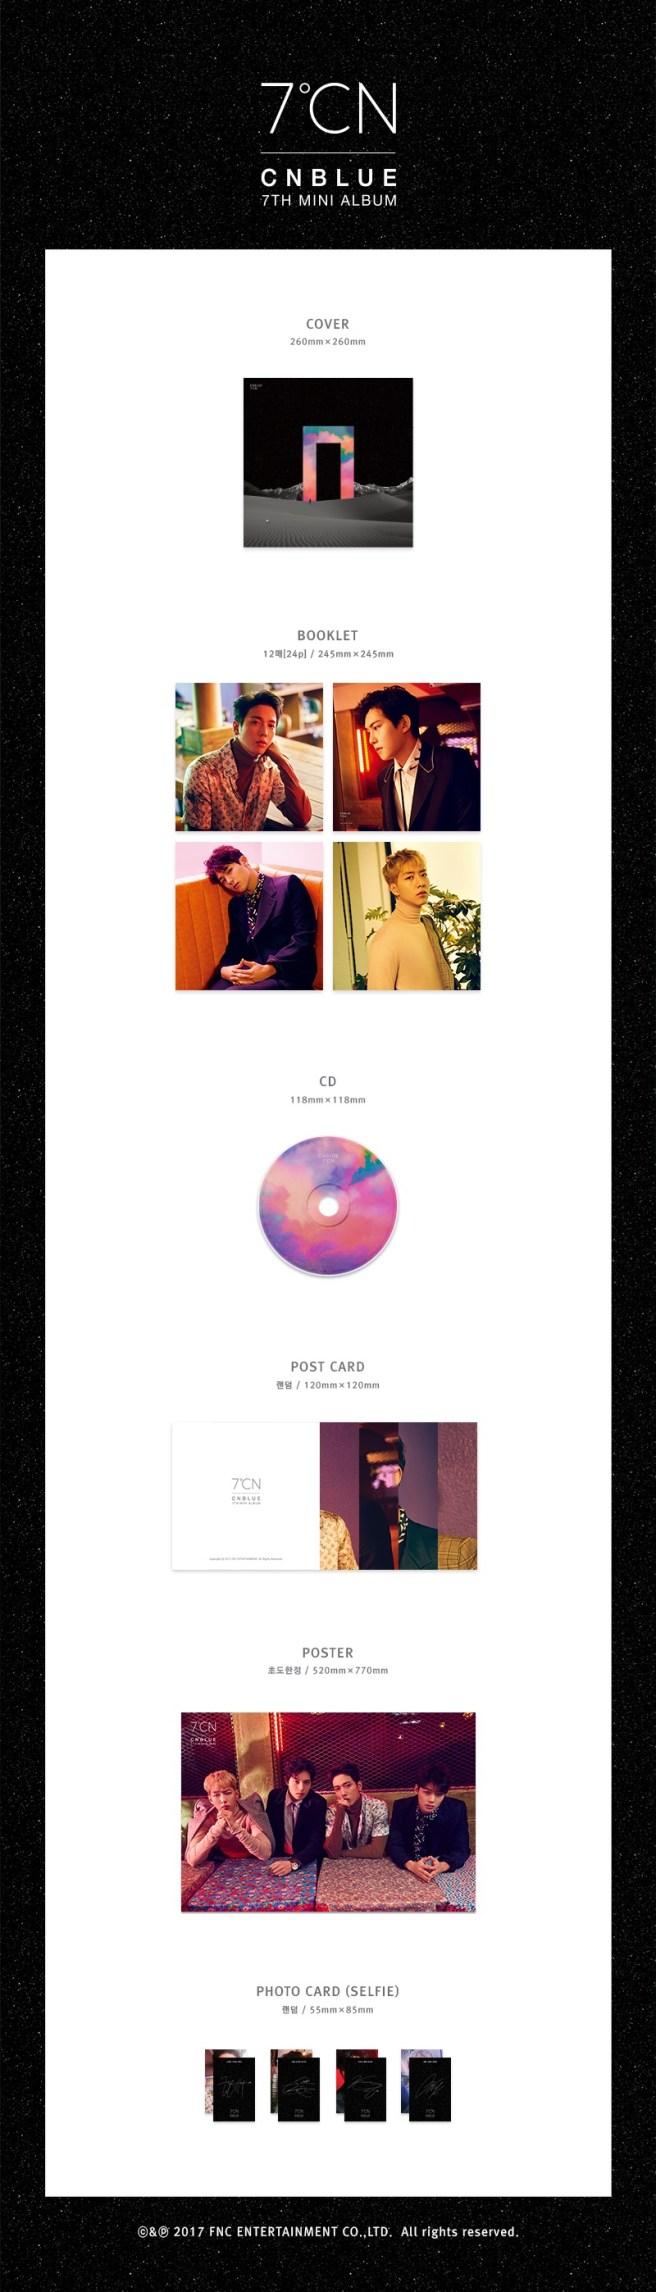 CNBLUE Mini Album Vol.7 – 7ºCN (Special Version) Preview